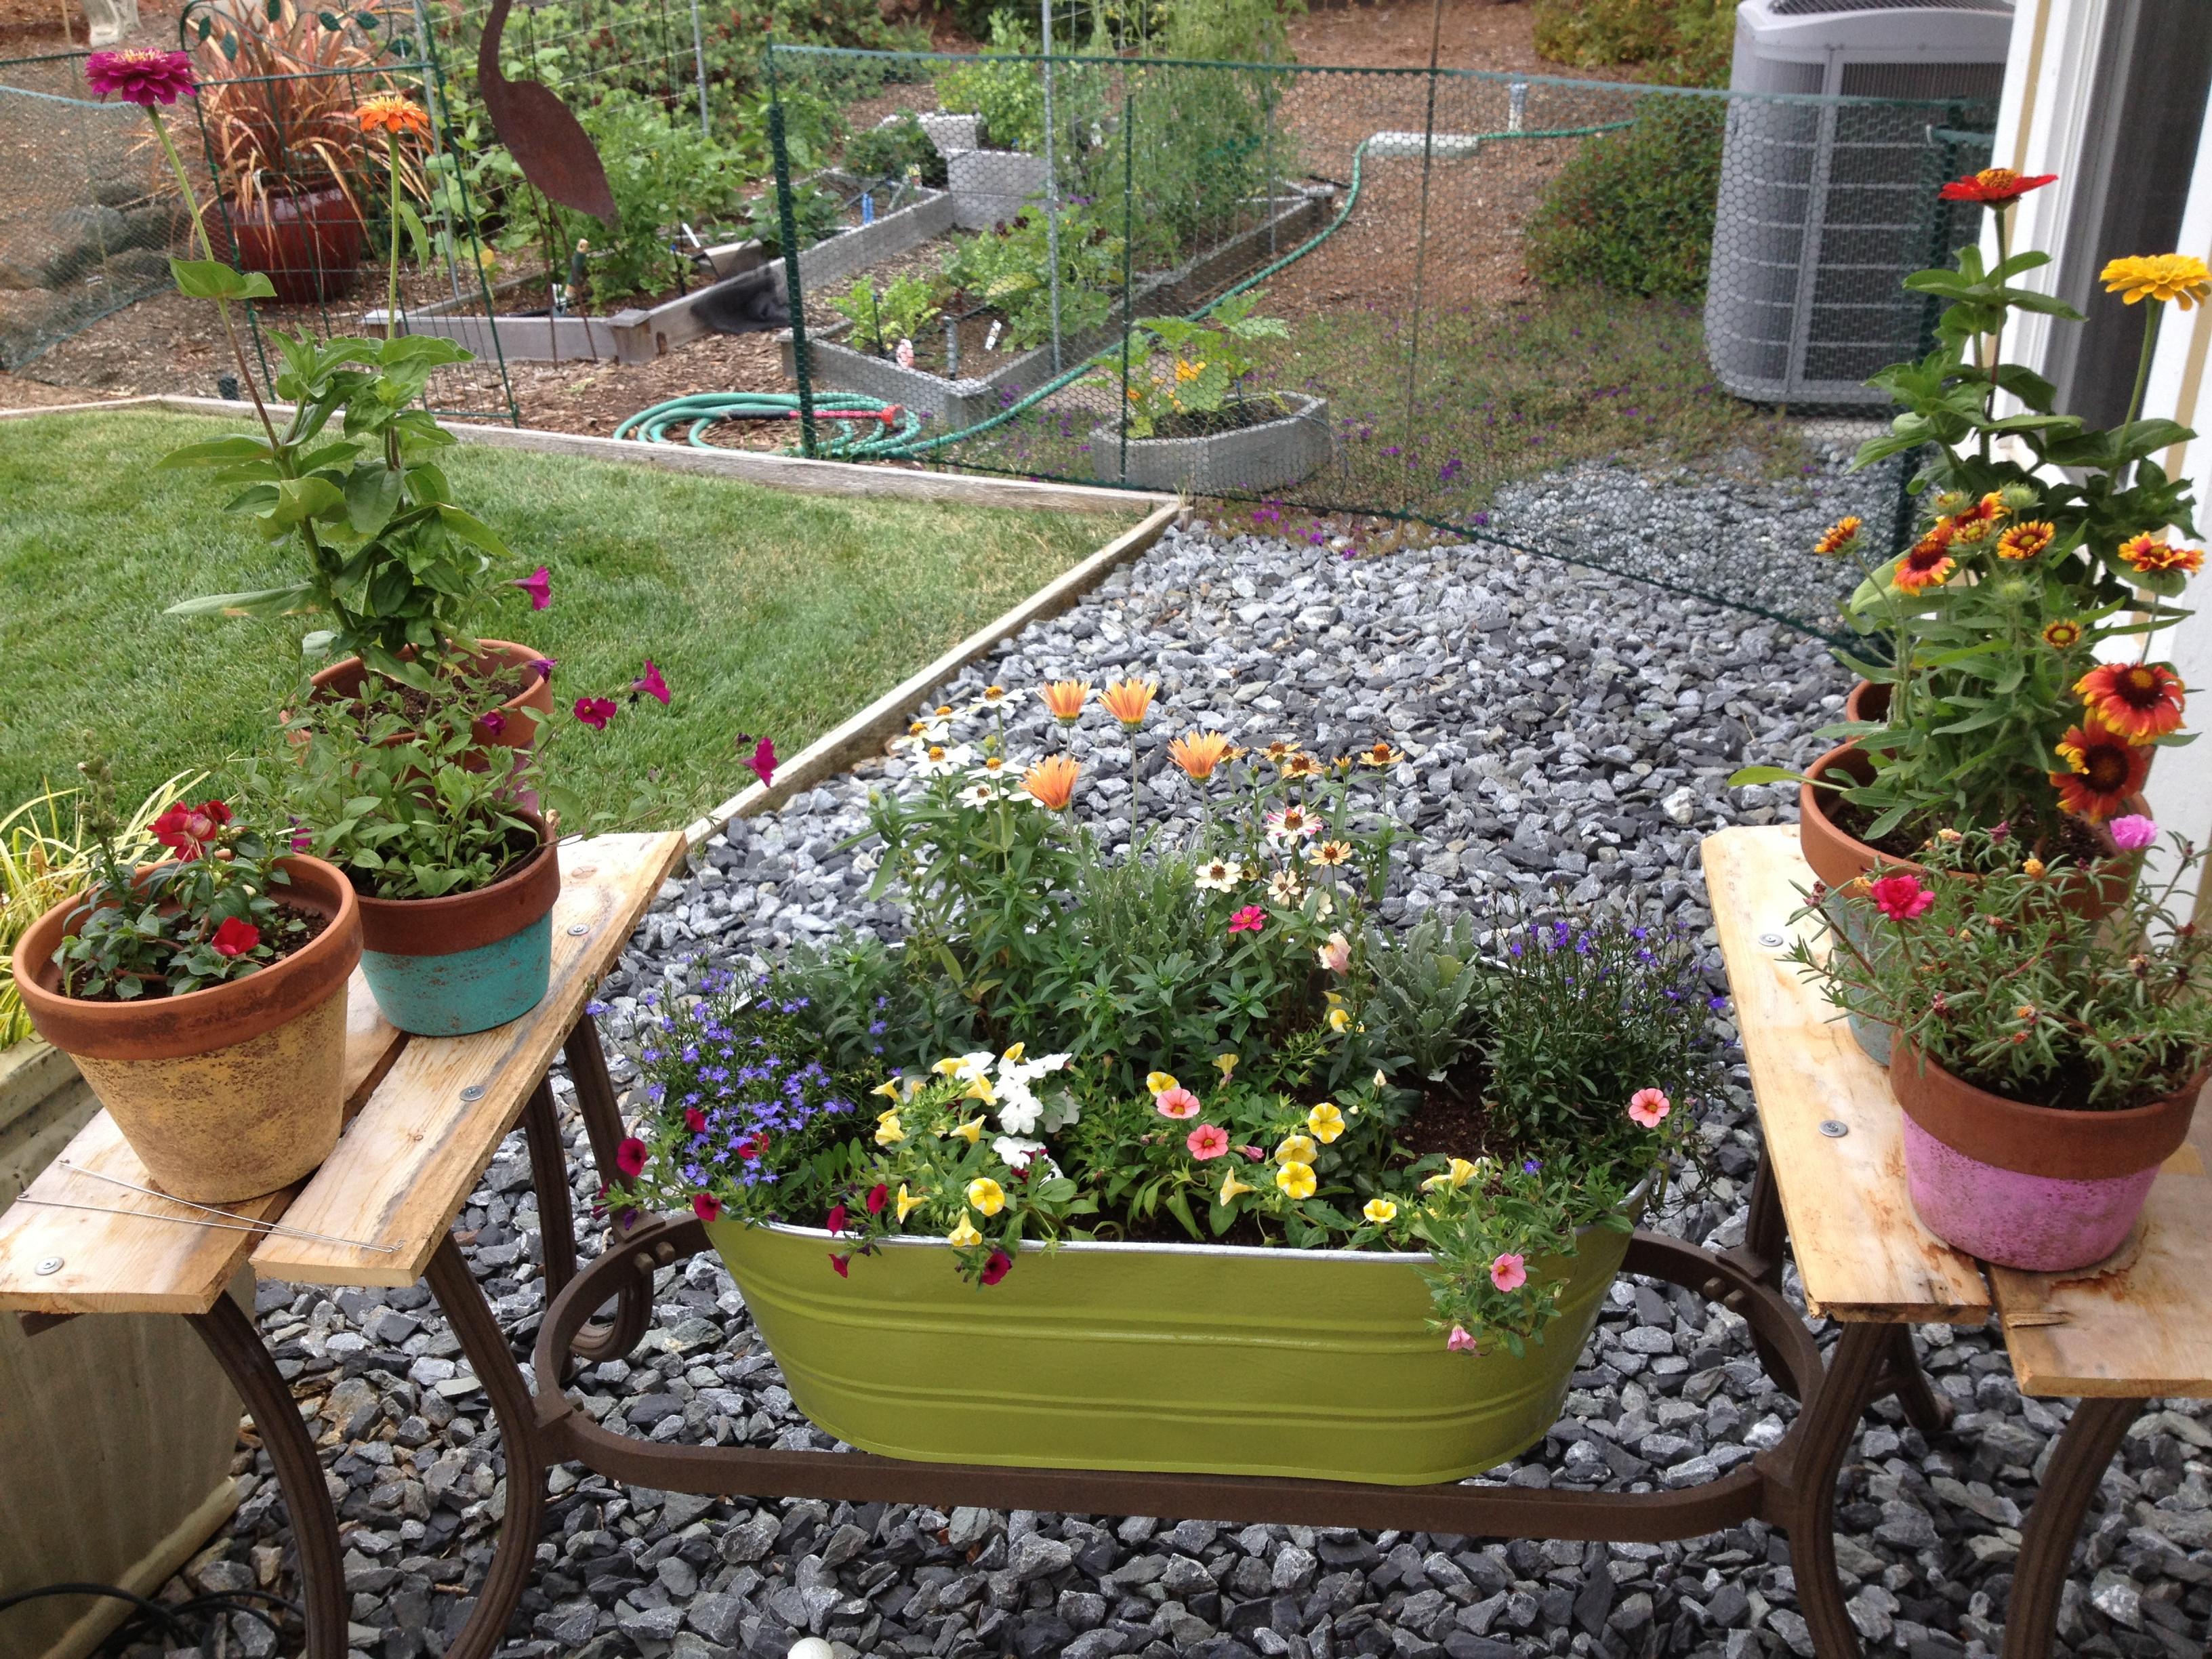 Best ideas about DIY Flower Garden . Save or Pin DIY Structured Flower Garden Dandelion Women Now.